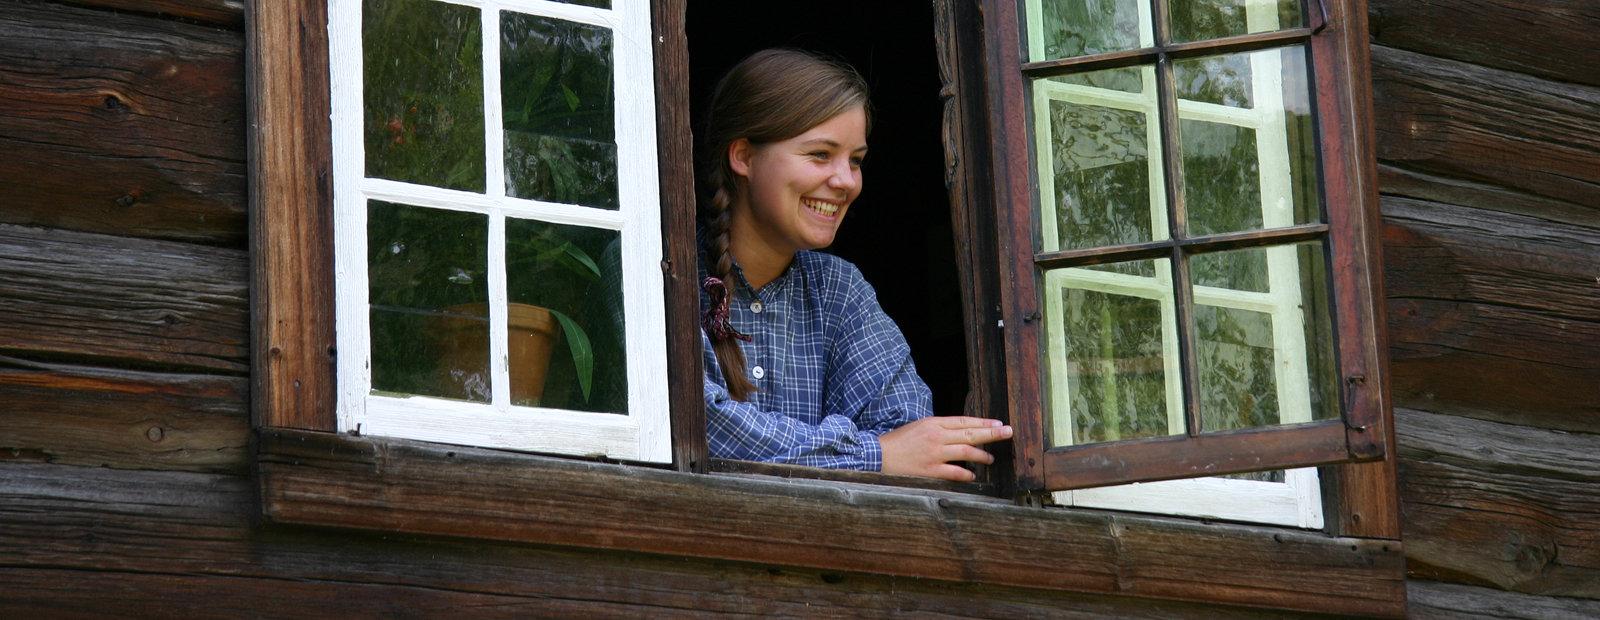 Jente i blårutete bluse kikker ut av vinduet på en historisk tømmerbygning.